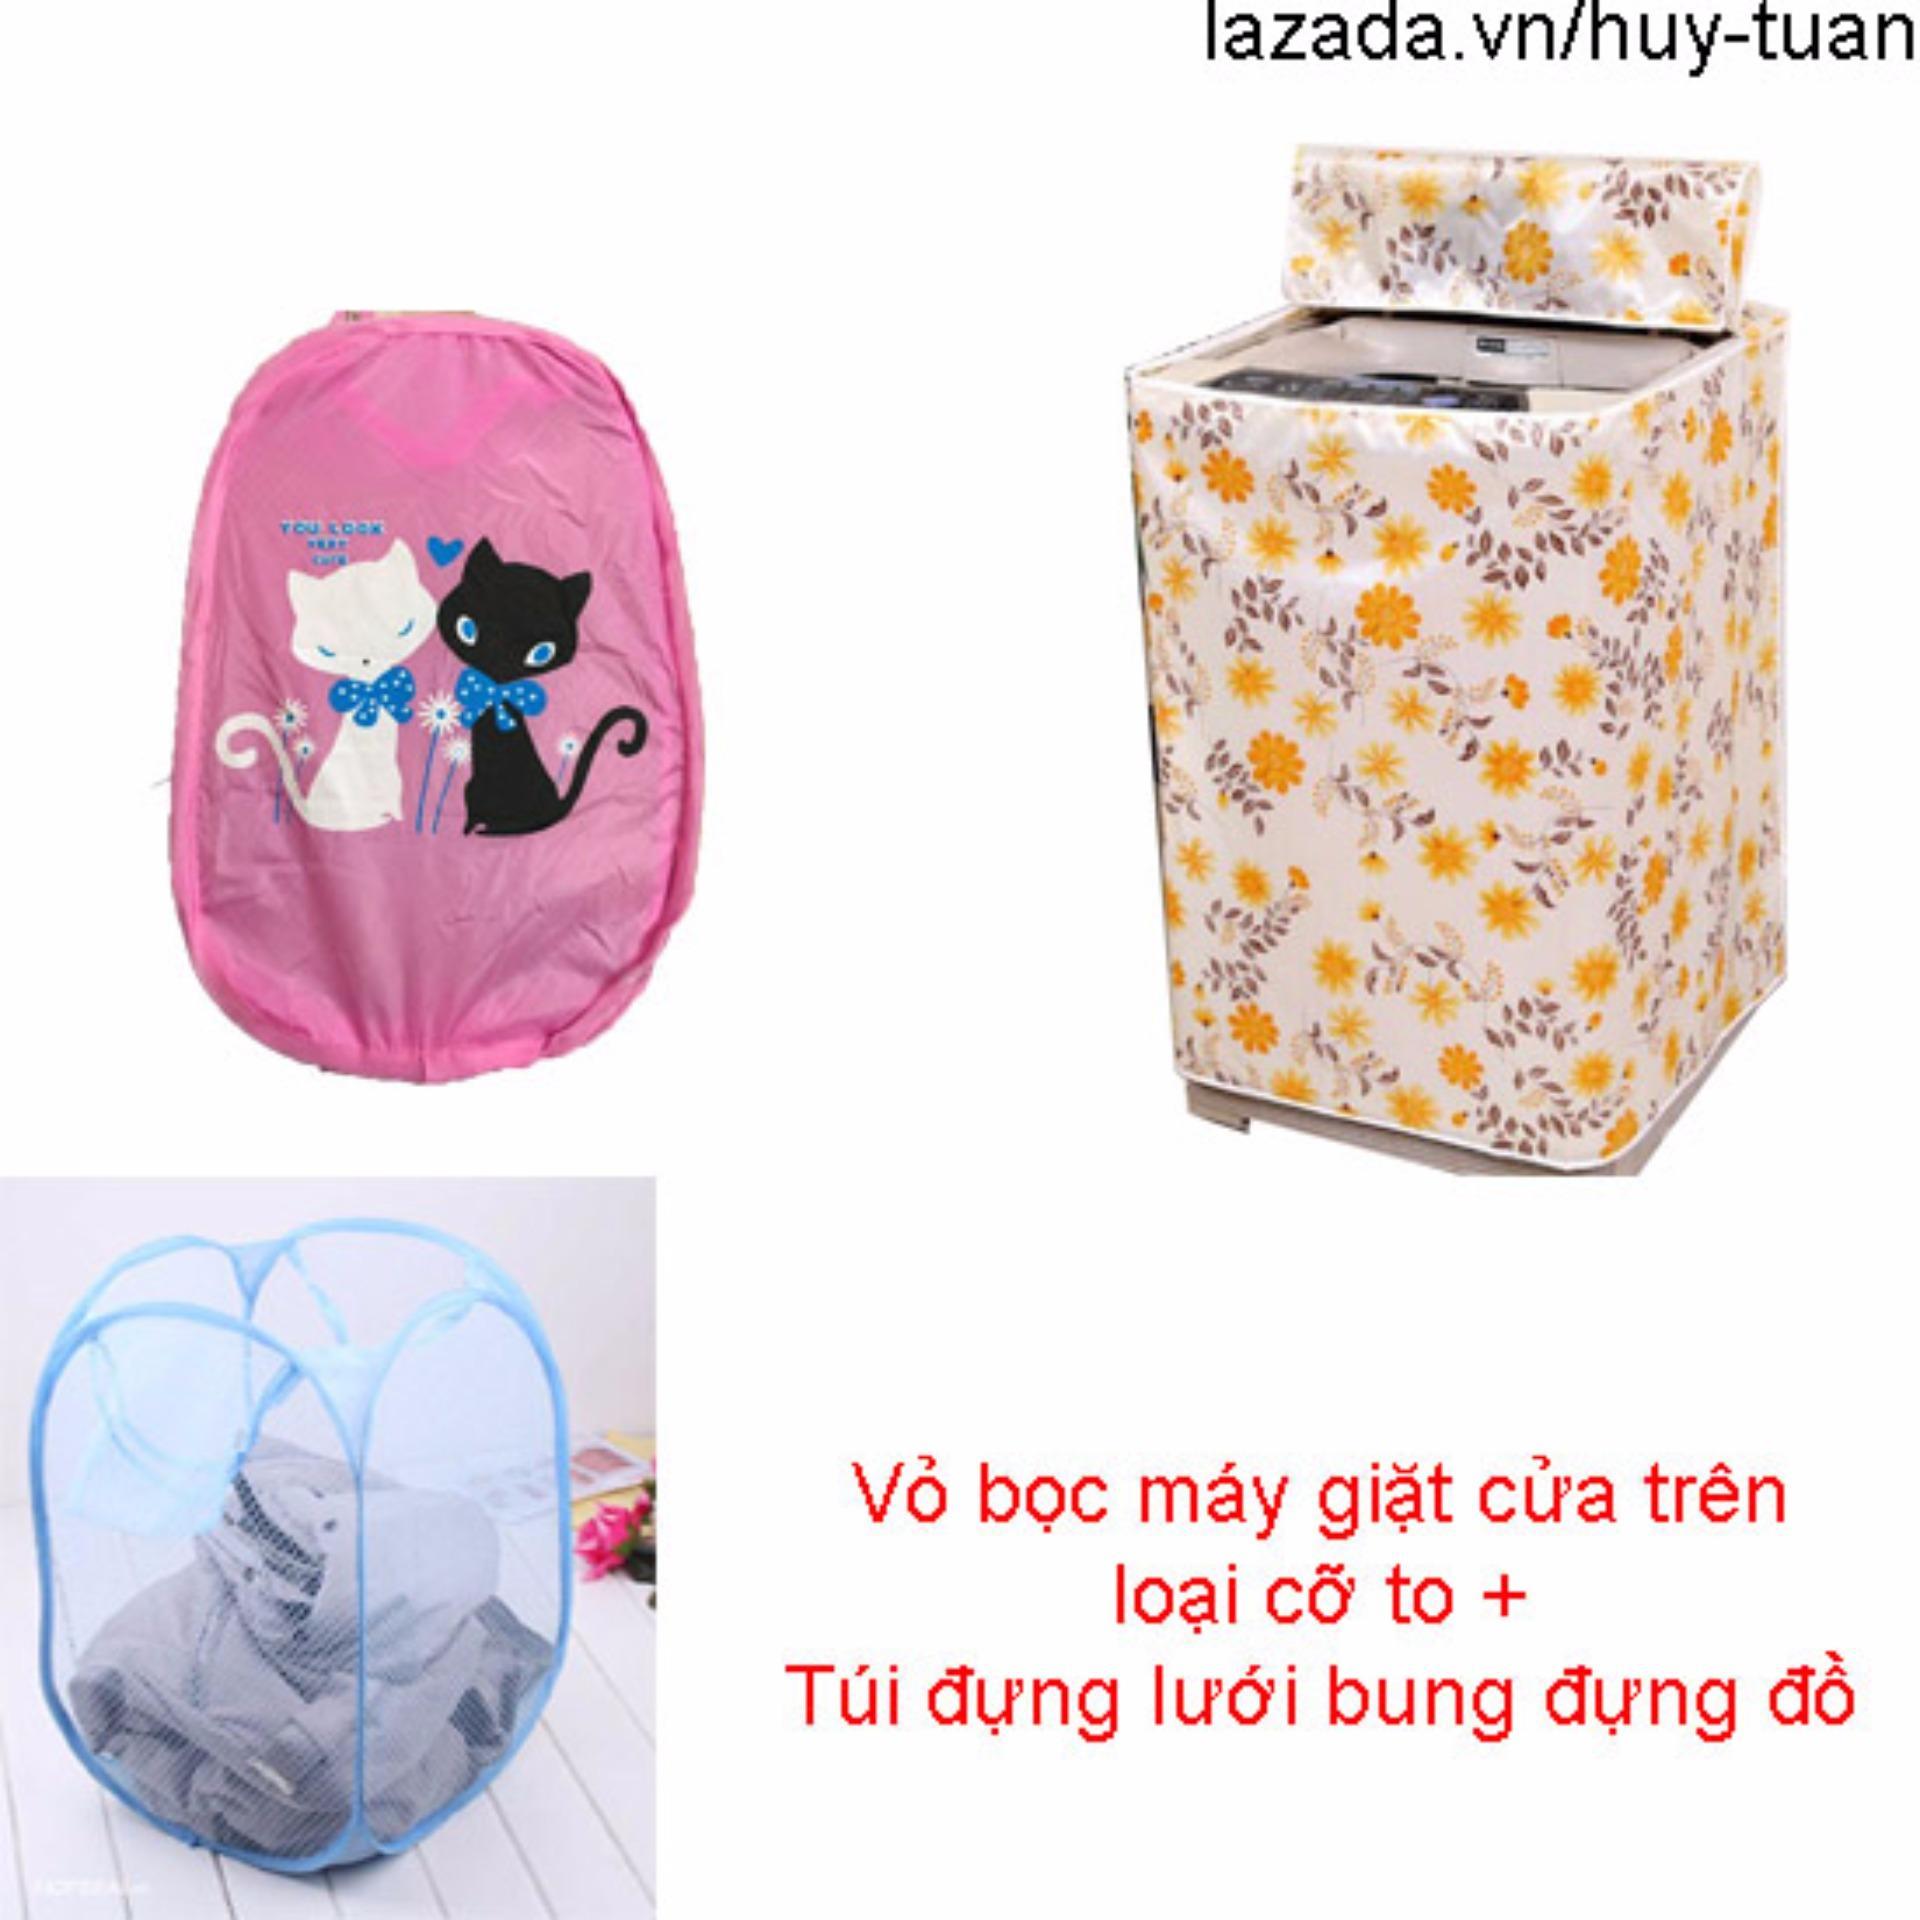 Vỏ bọc máy giặt cửa trên cỡ to ( màu ngẫu nhiên ) + túi lưới bung ( Hồng )